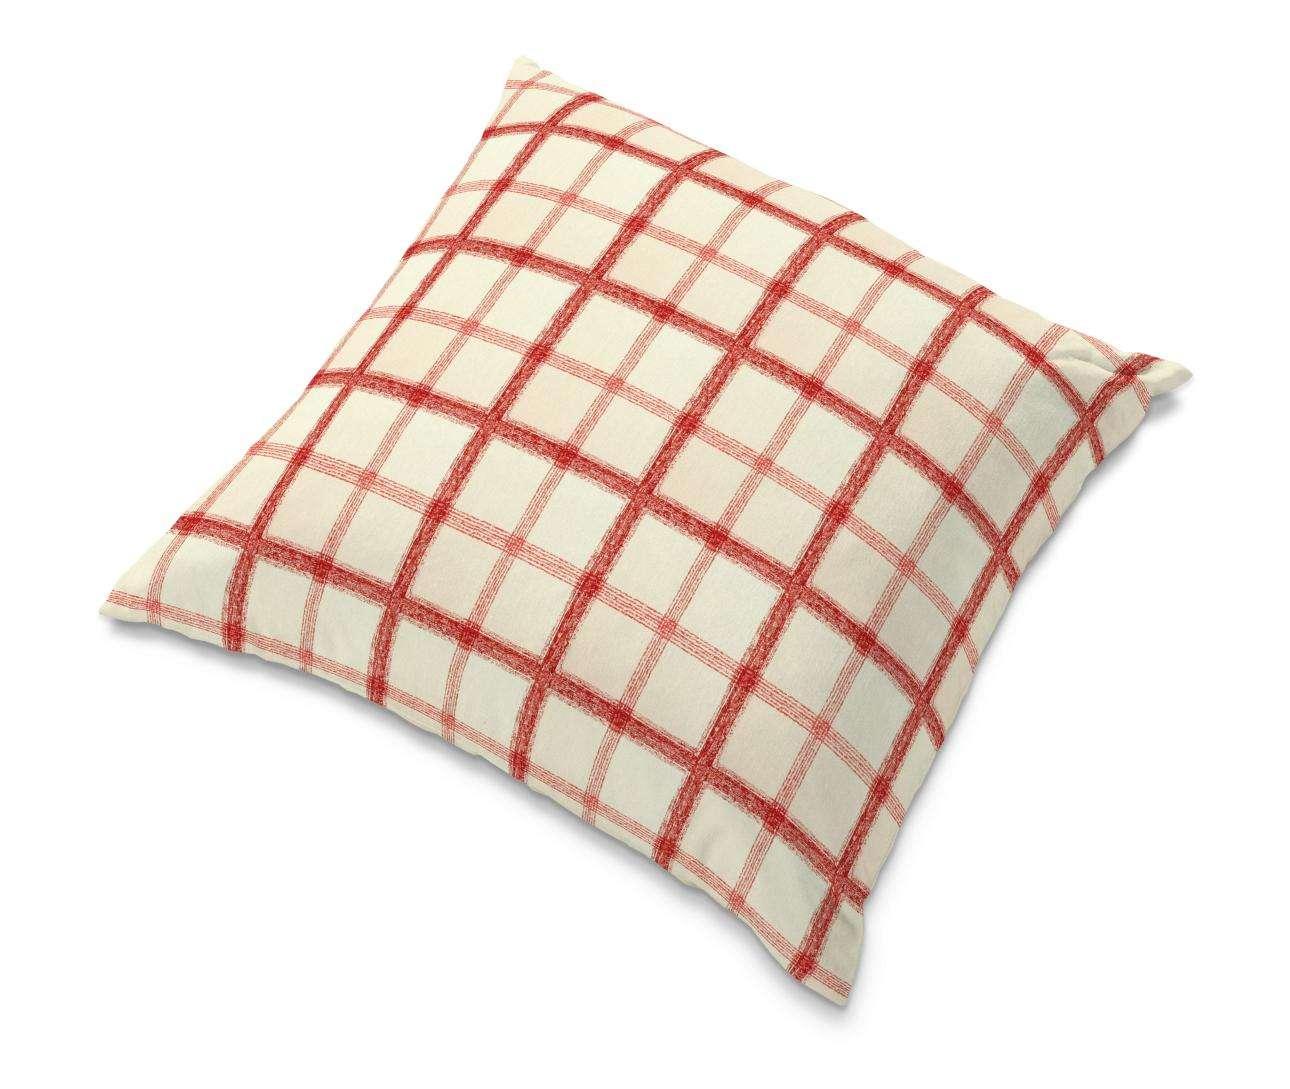 TOMELILLA pagalvėlės užvalkalas 55 x 55 cm kolekcijoje Avinon, audinys: 131-15